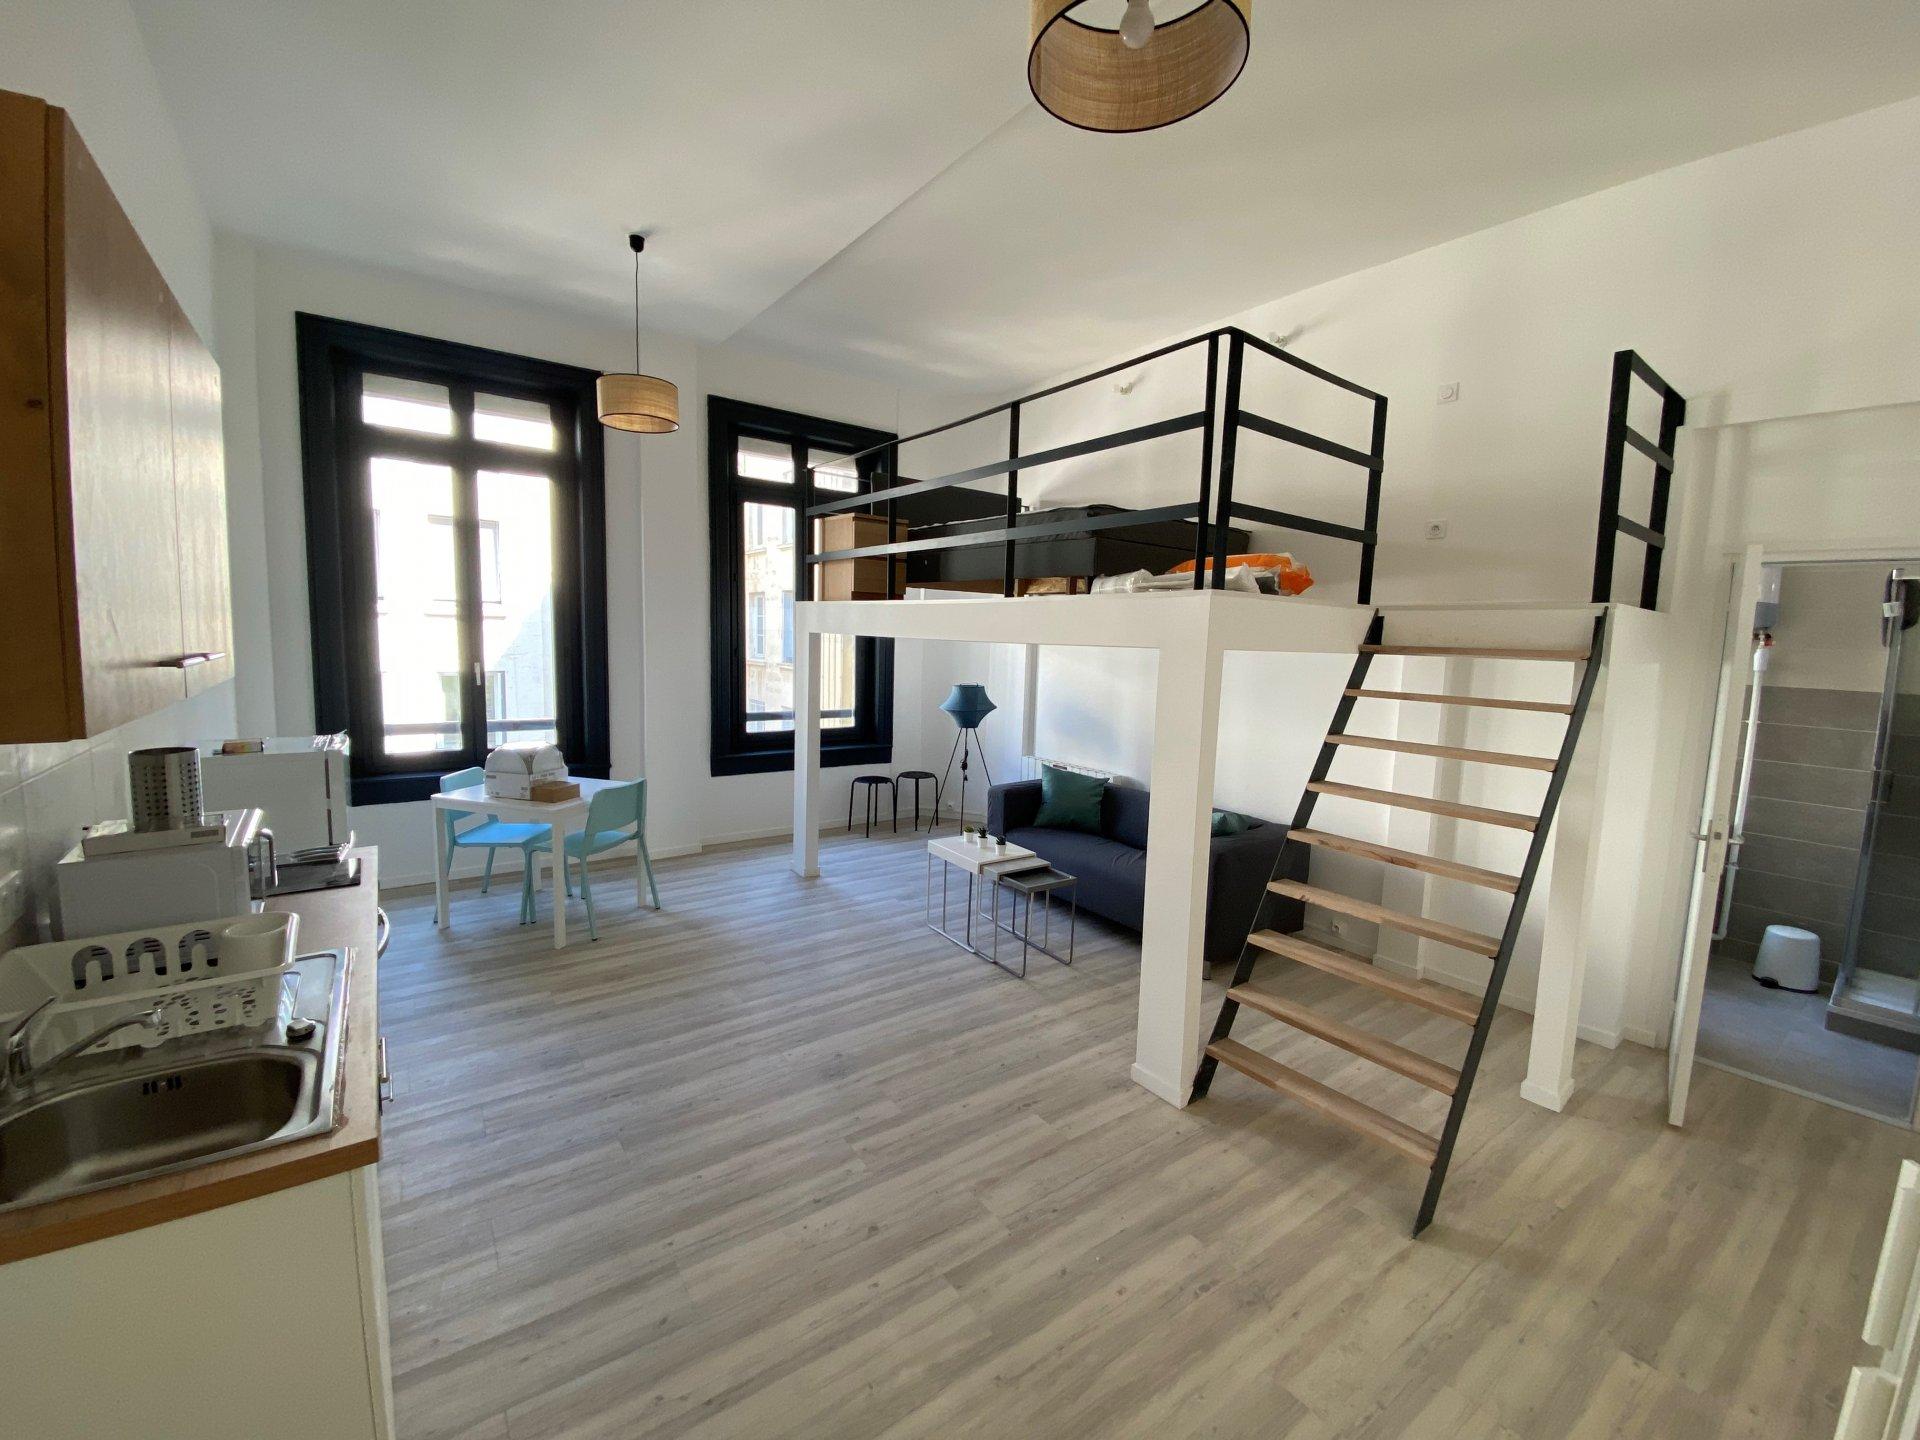 SAINT-ETIENNE CENTRE - T1 meublé avec mezzanine